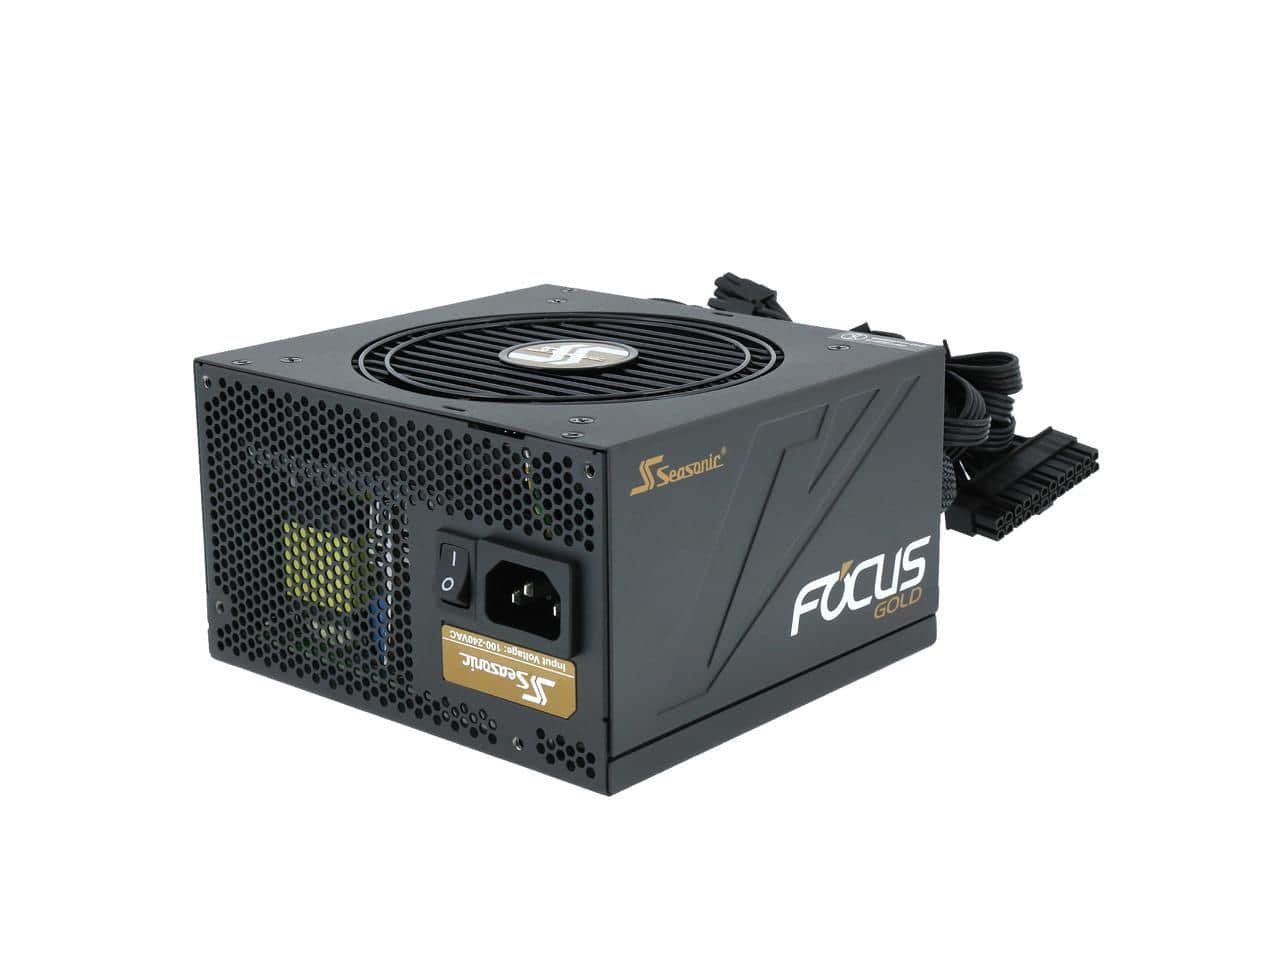 Seasonic FOCUS GM-750 750W 80+ Gold Semi-Modular Power Supply $66AR @Newegg also 650W Core GM-650 / $51 AR